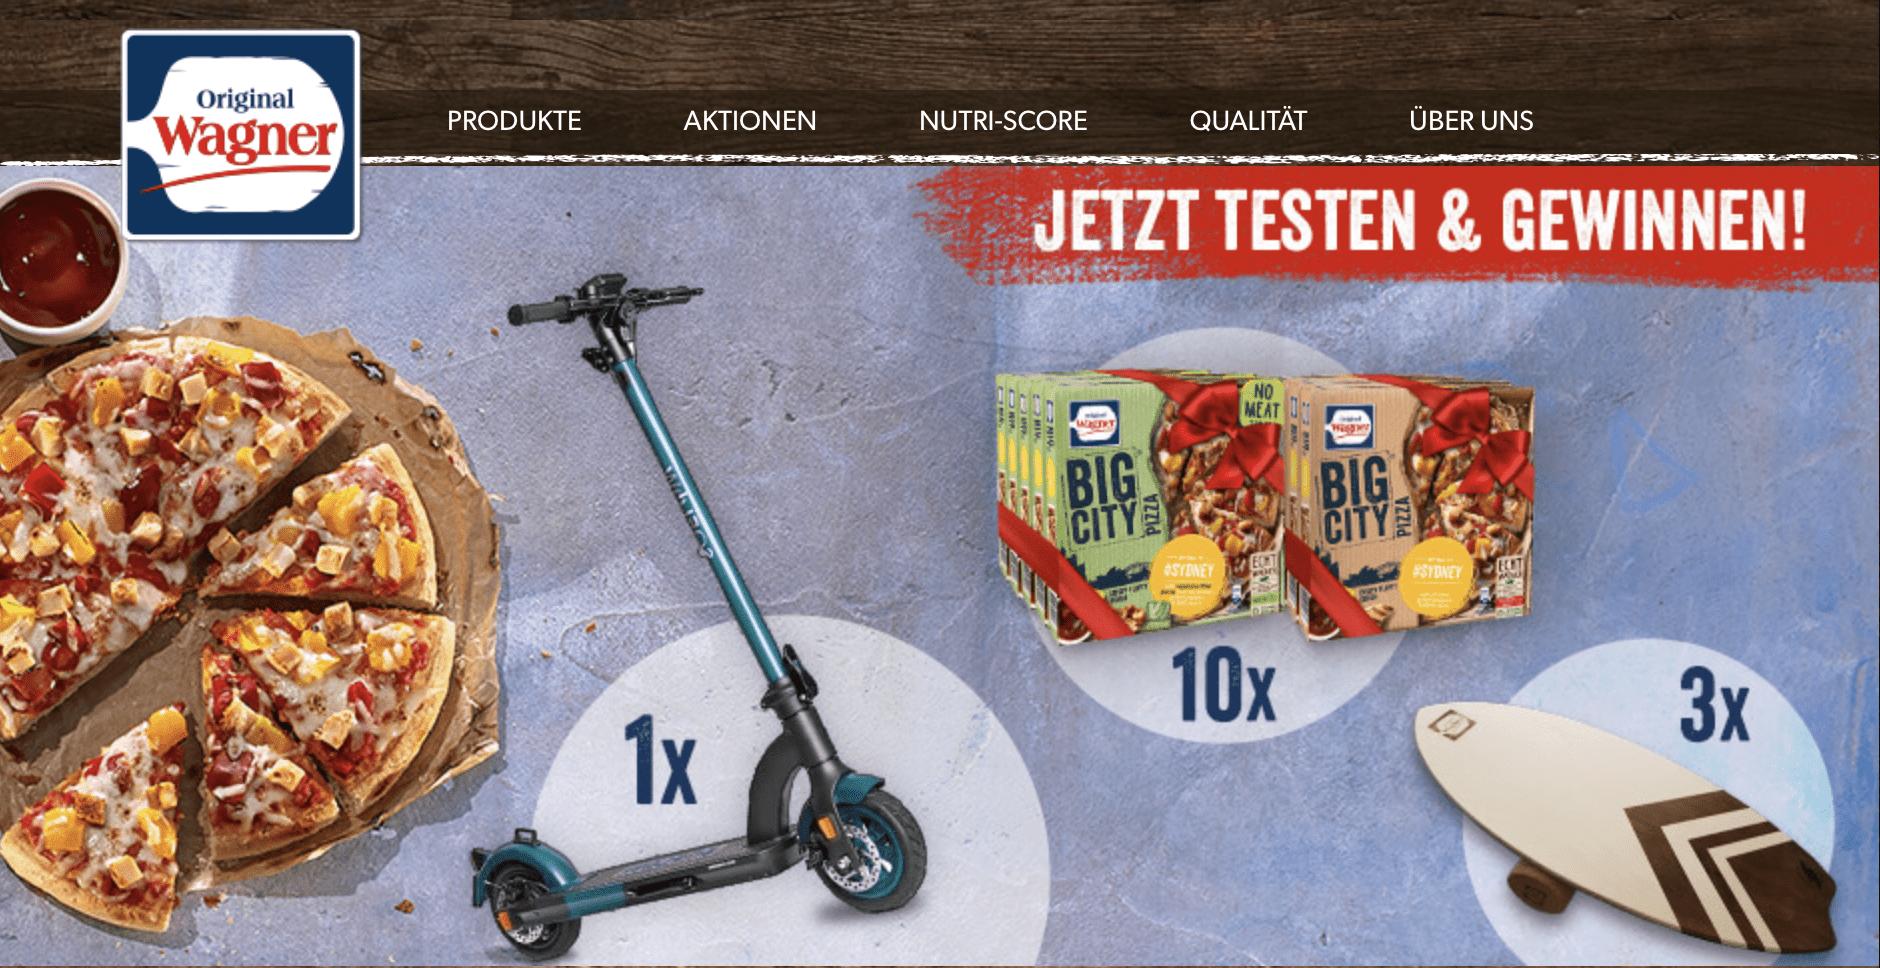 Gewinnspiel-Cases FMCG Food Wagner Pizza